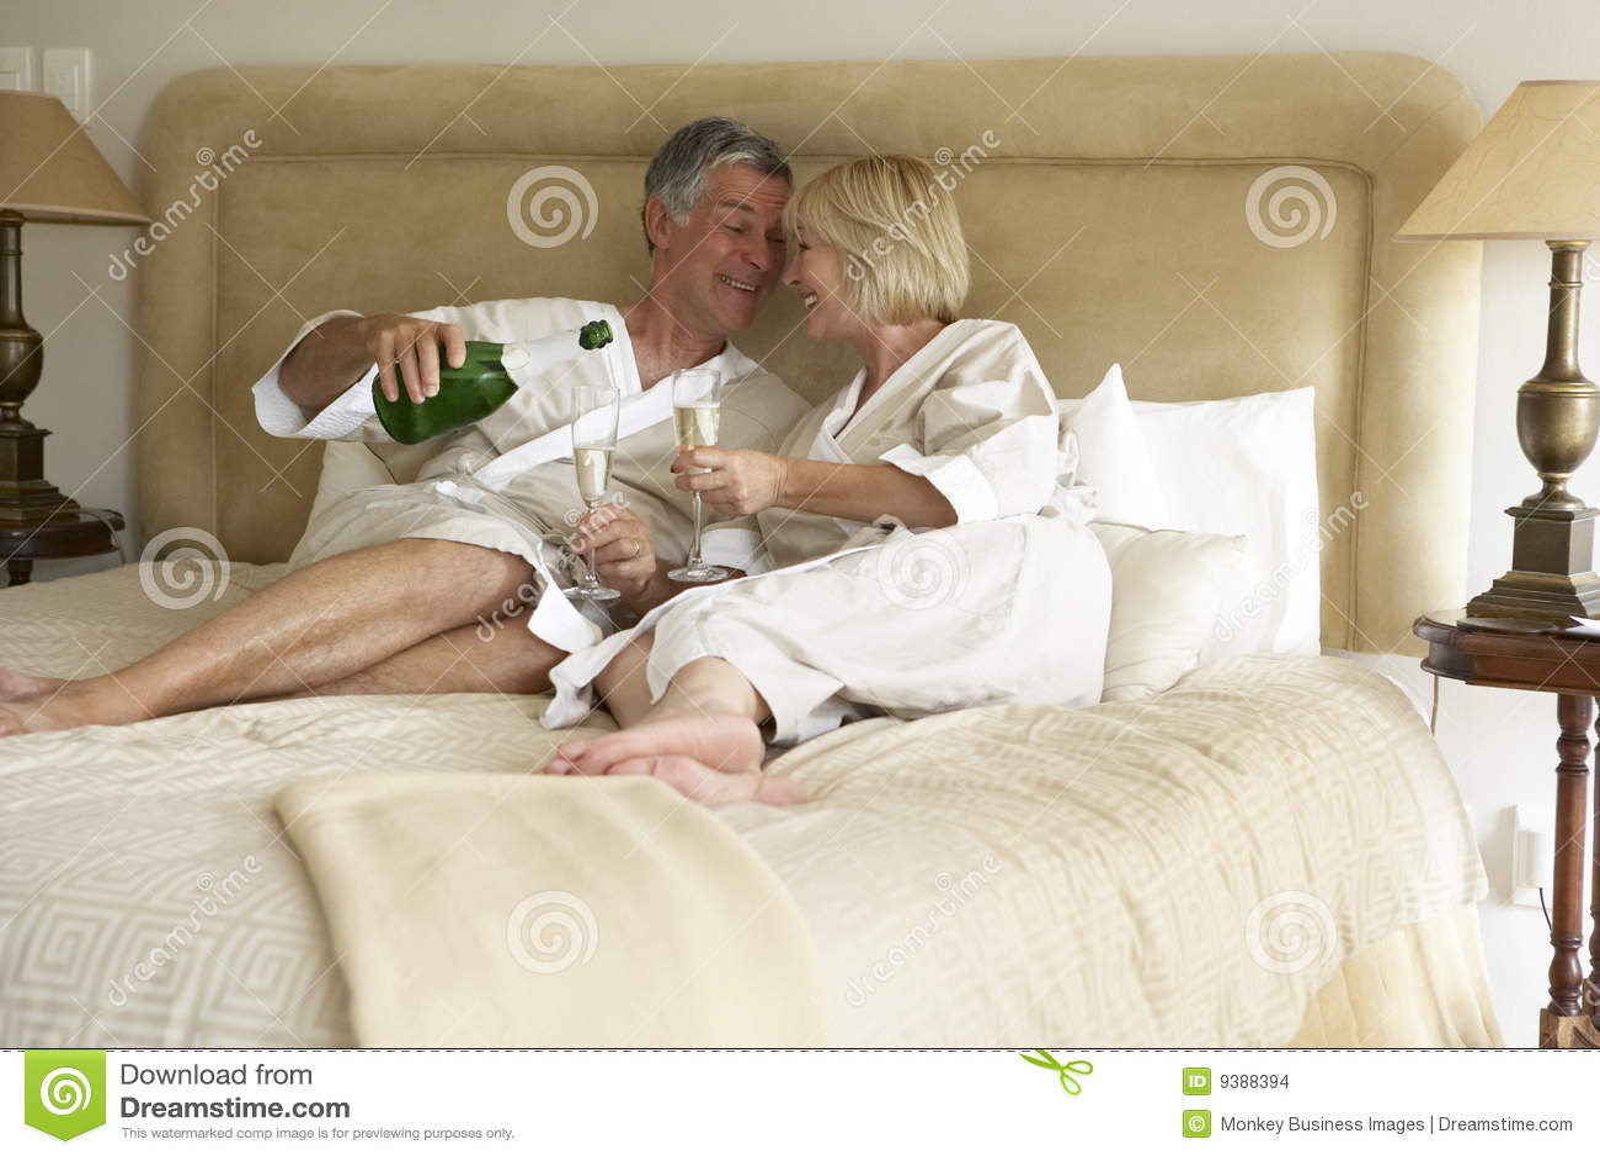 С женой в кровати 3 фотография